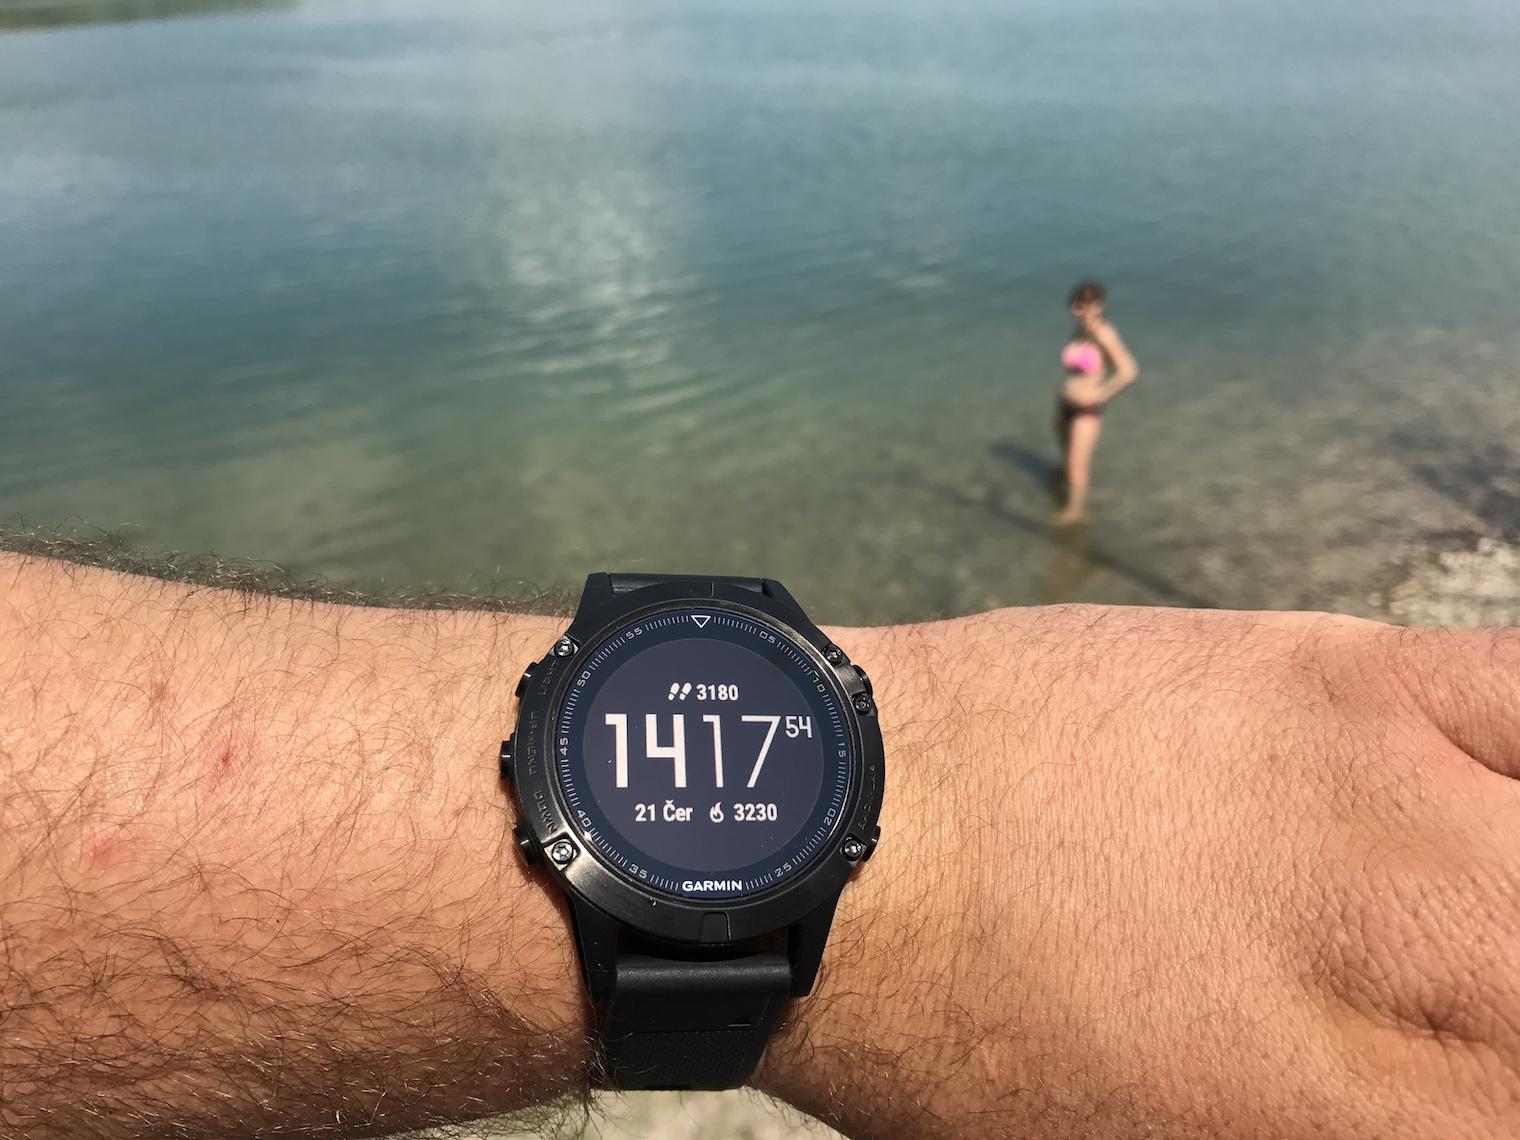 První týden s Garmin Fenix 5  Apple stvořil Apple Watch 2f66e663b2